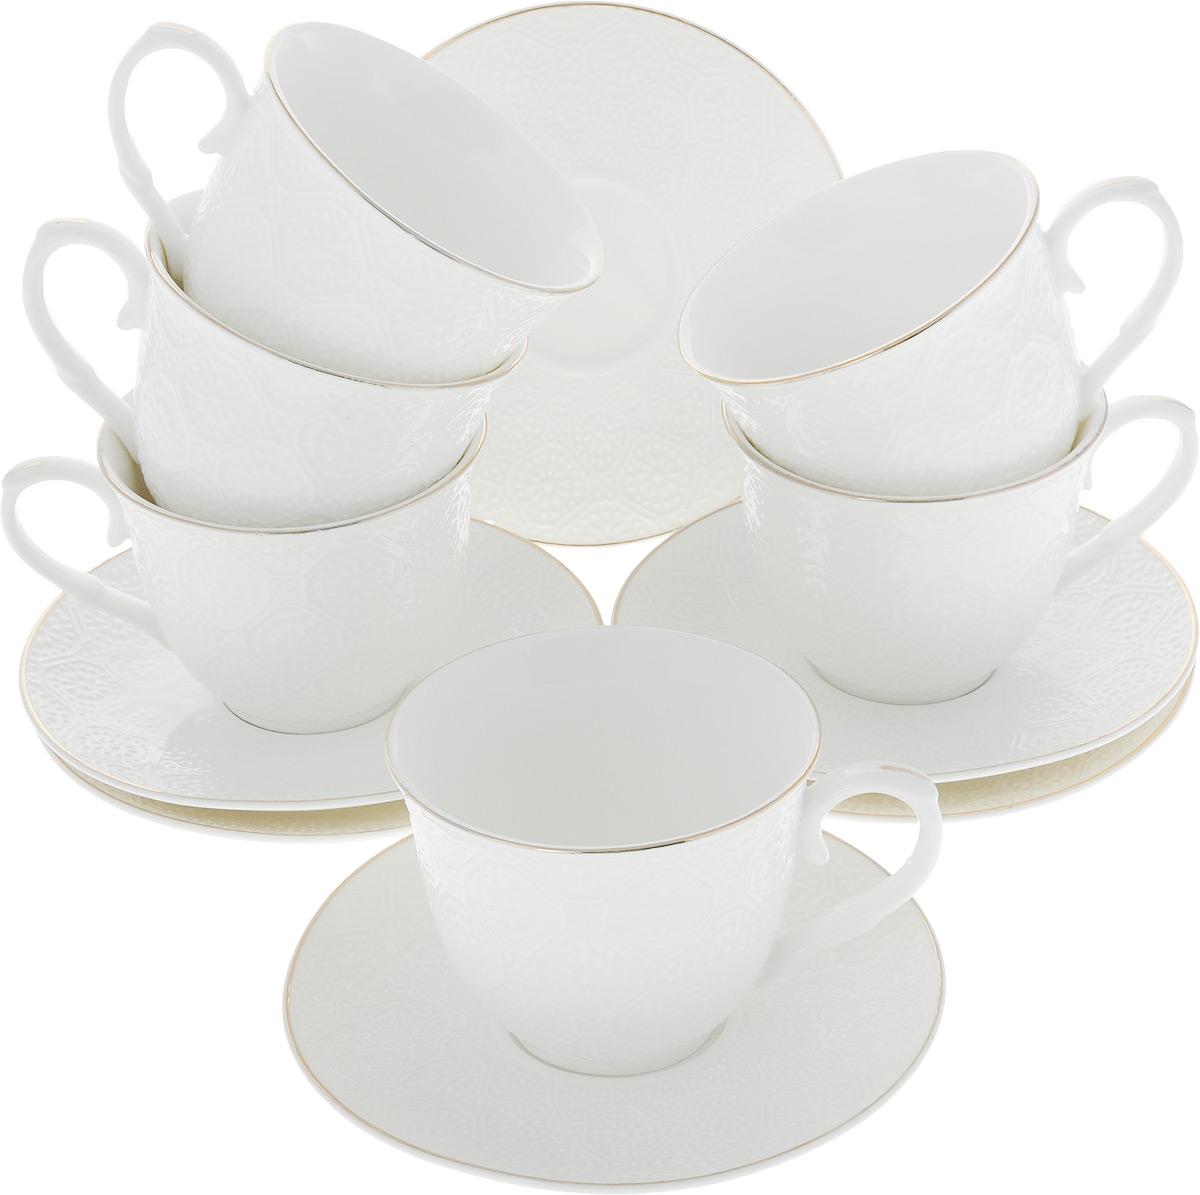 Сервиз чайный Loraine, 12 предметов. 26505 чайный сервиз loraine 200 мл 12 предметов 25931